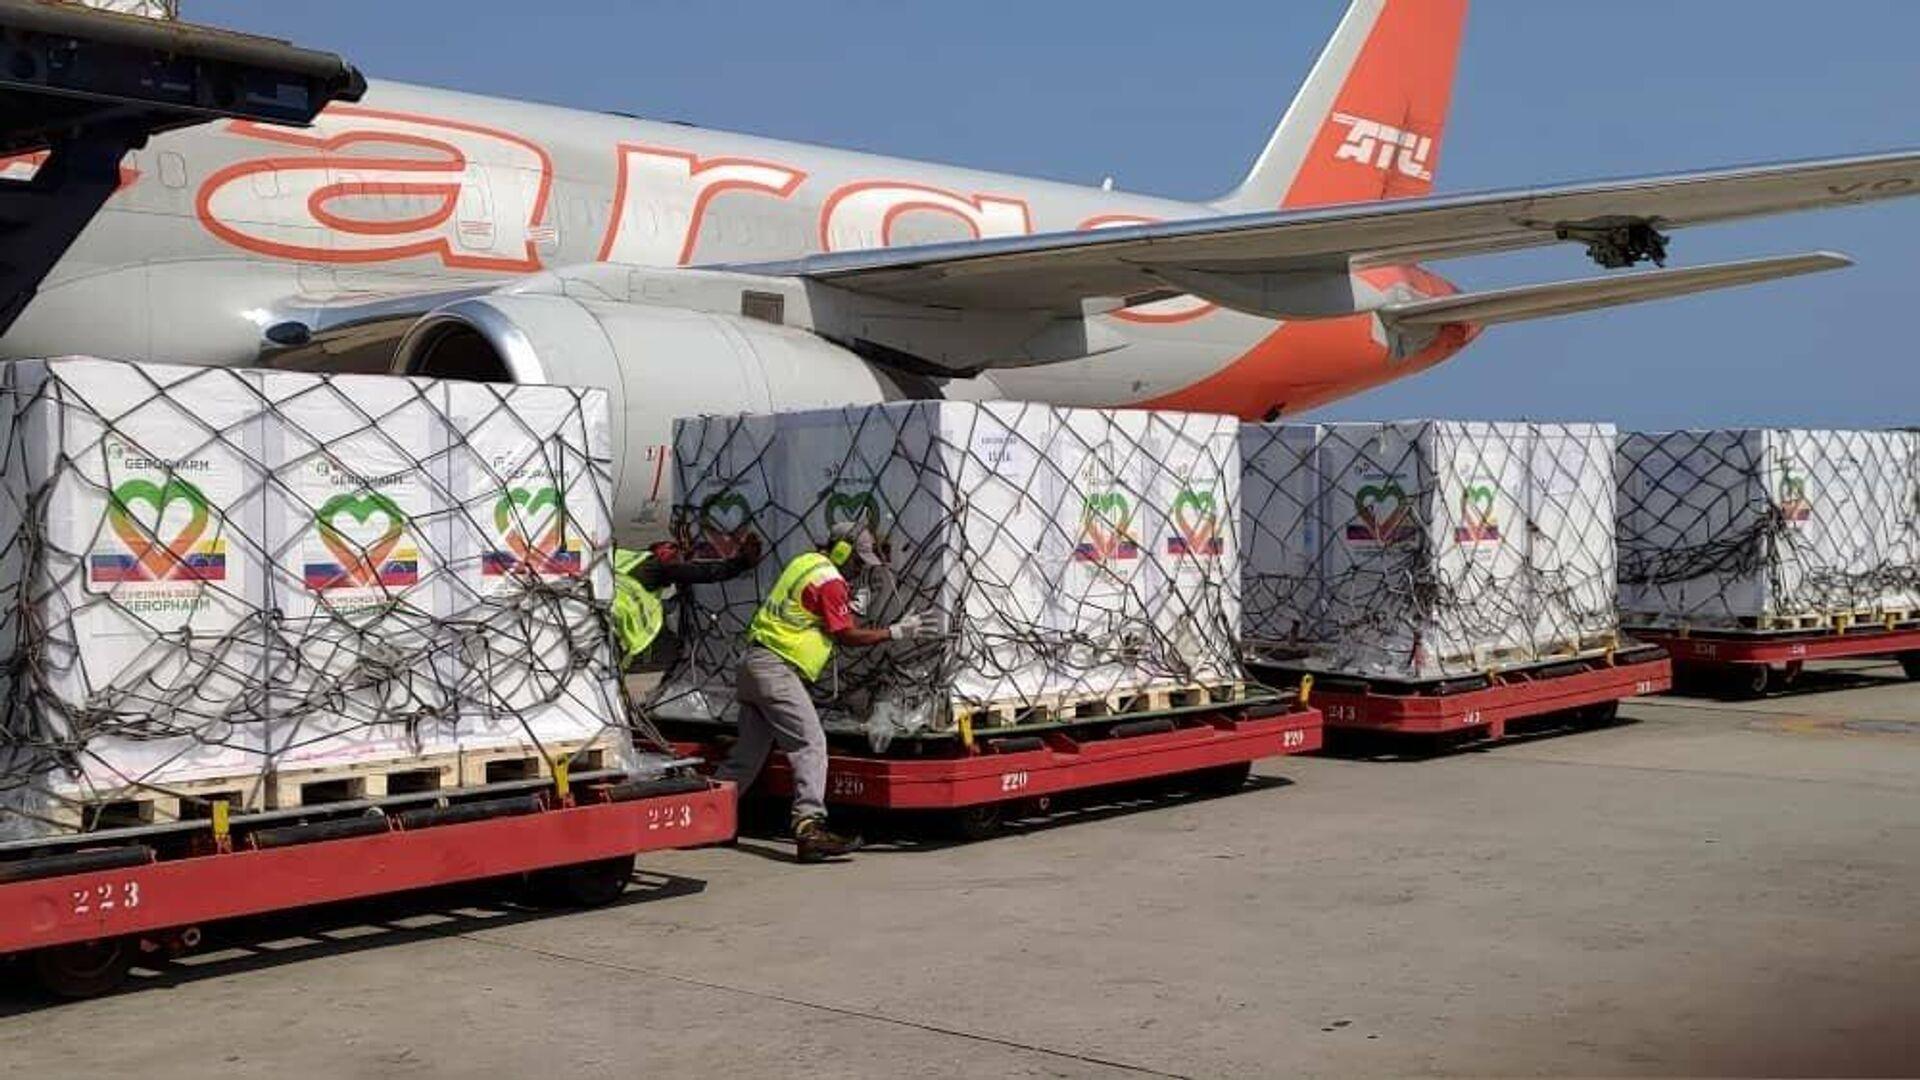 Arriba a Venezuela un cargamento con 870.000 dosis de insulina - Sputnik Mundo, 1920, 16.04.2021